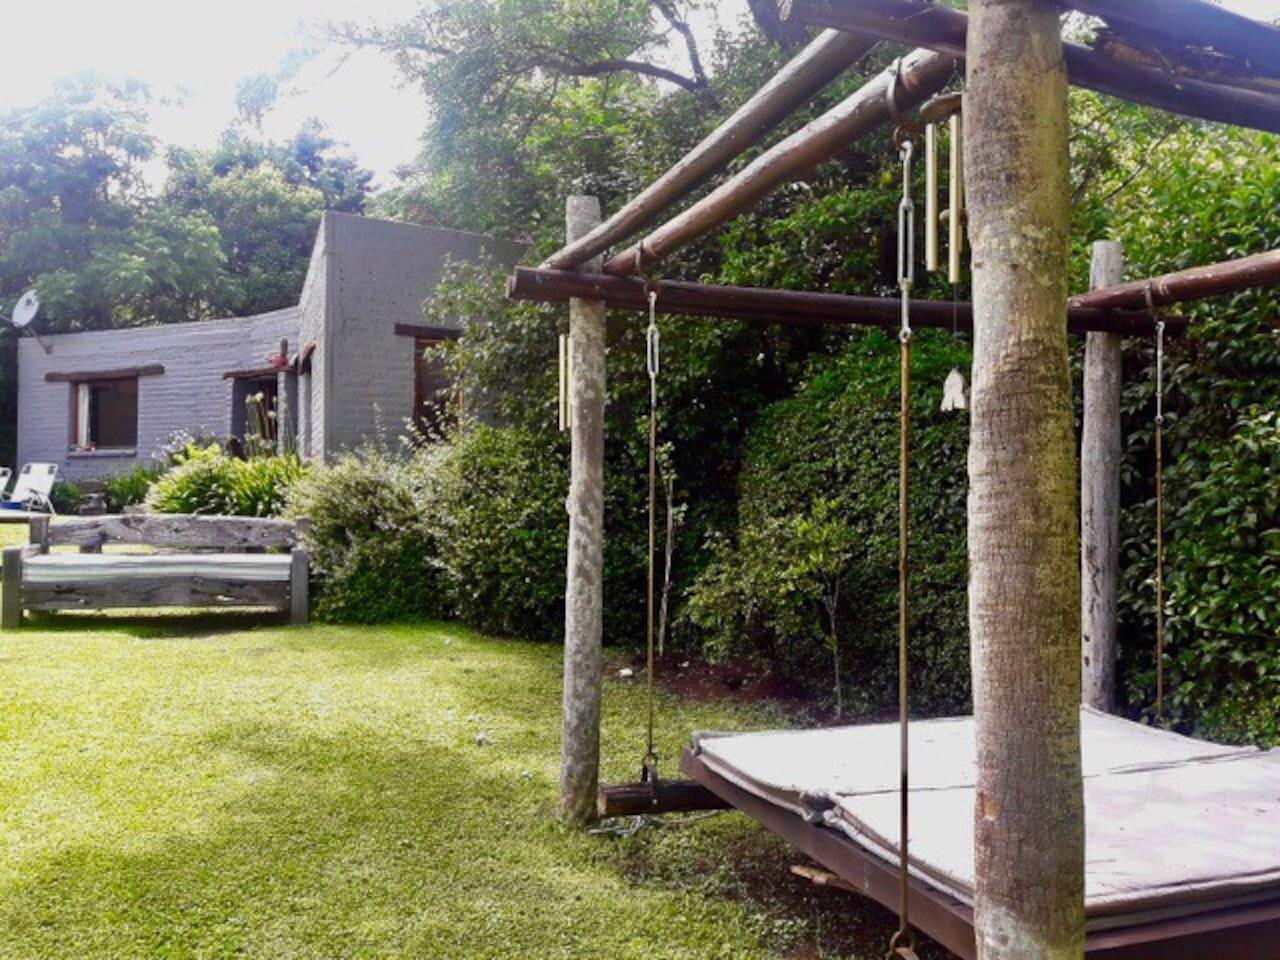 Exteriores de La Chascona, podrás disfrutar del relax  en los diferentes espacios y sentirte como en tu casa!!!